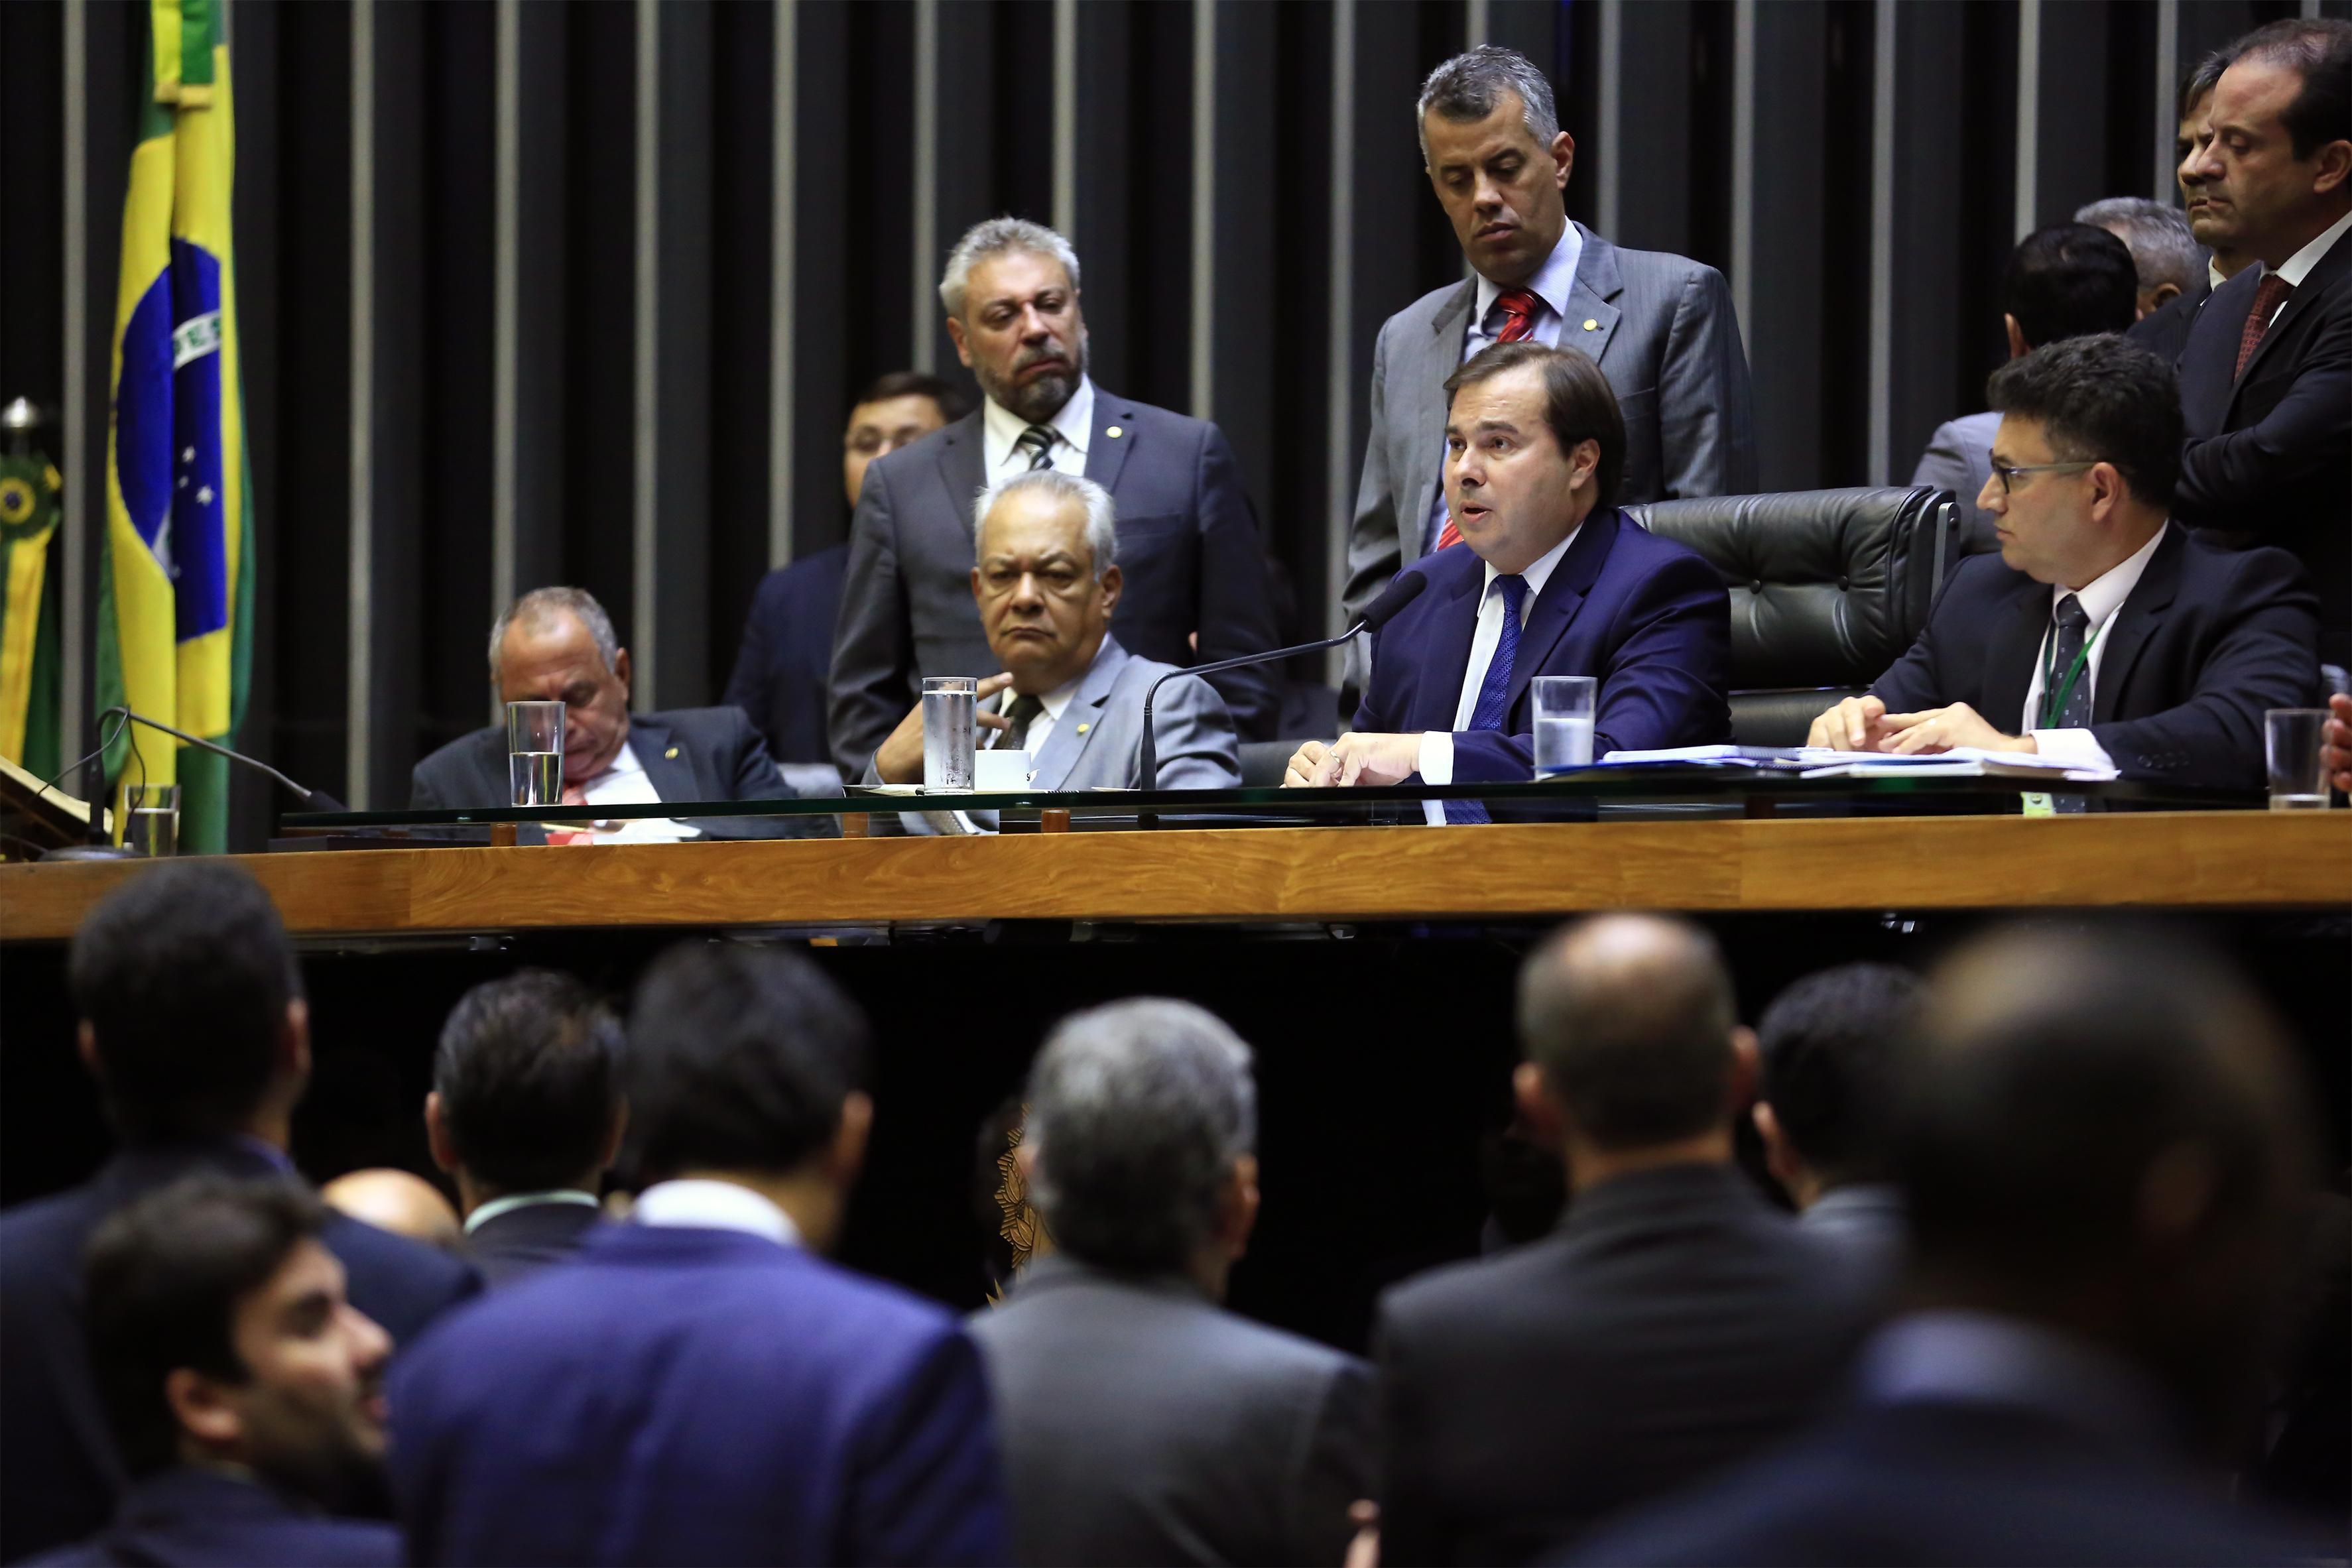 Sessão extraordinária sobre o MSC 80/2018 - do Poder Executivo - (AV 82/2018) - que submete à apreciação do Congresso Nacional o texto do decreto que